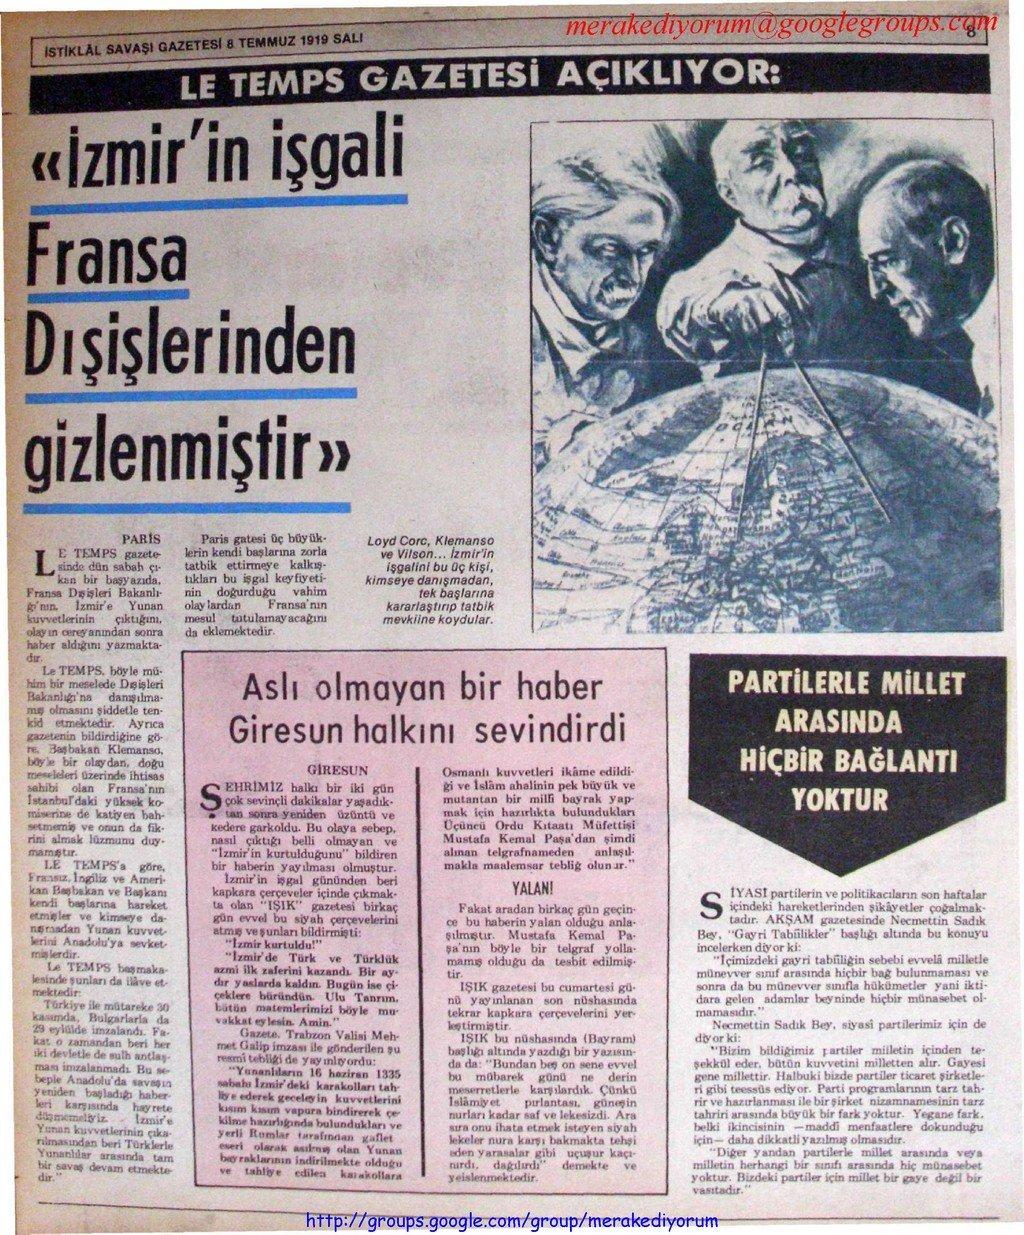 istiklal savaşı gazetesi - 8 temmuz 1919